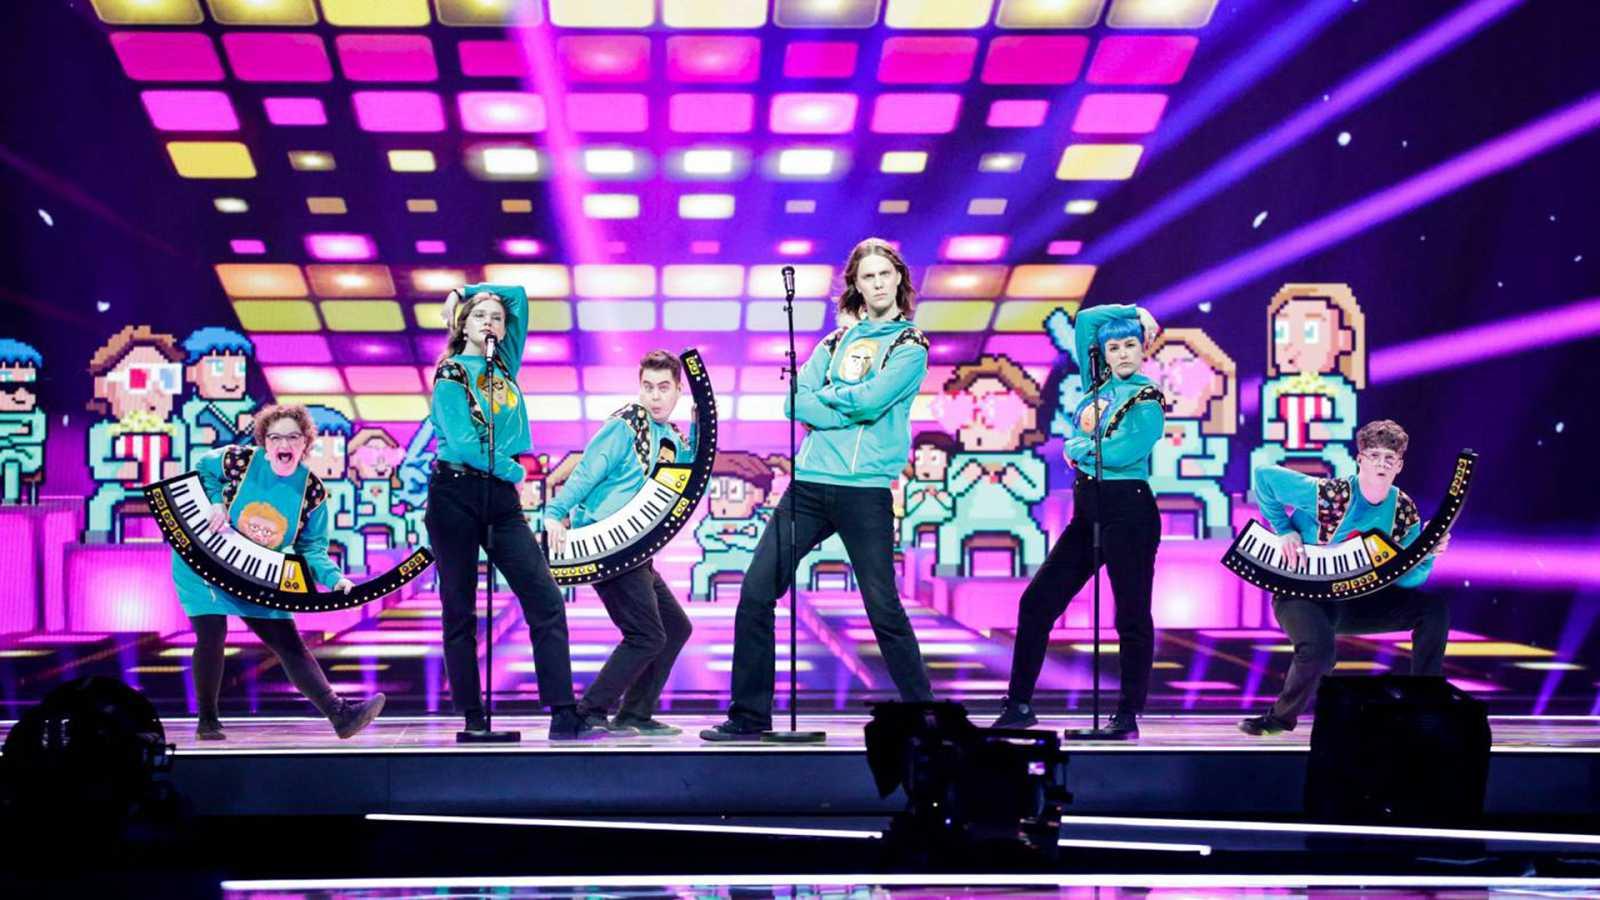 Eurovisión 2021 - Eurovision Song Contest 2021: Segunda Semifinal - ver ahora